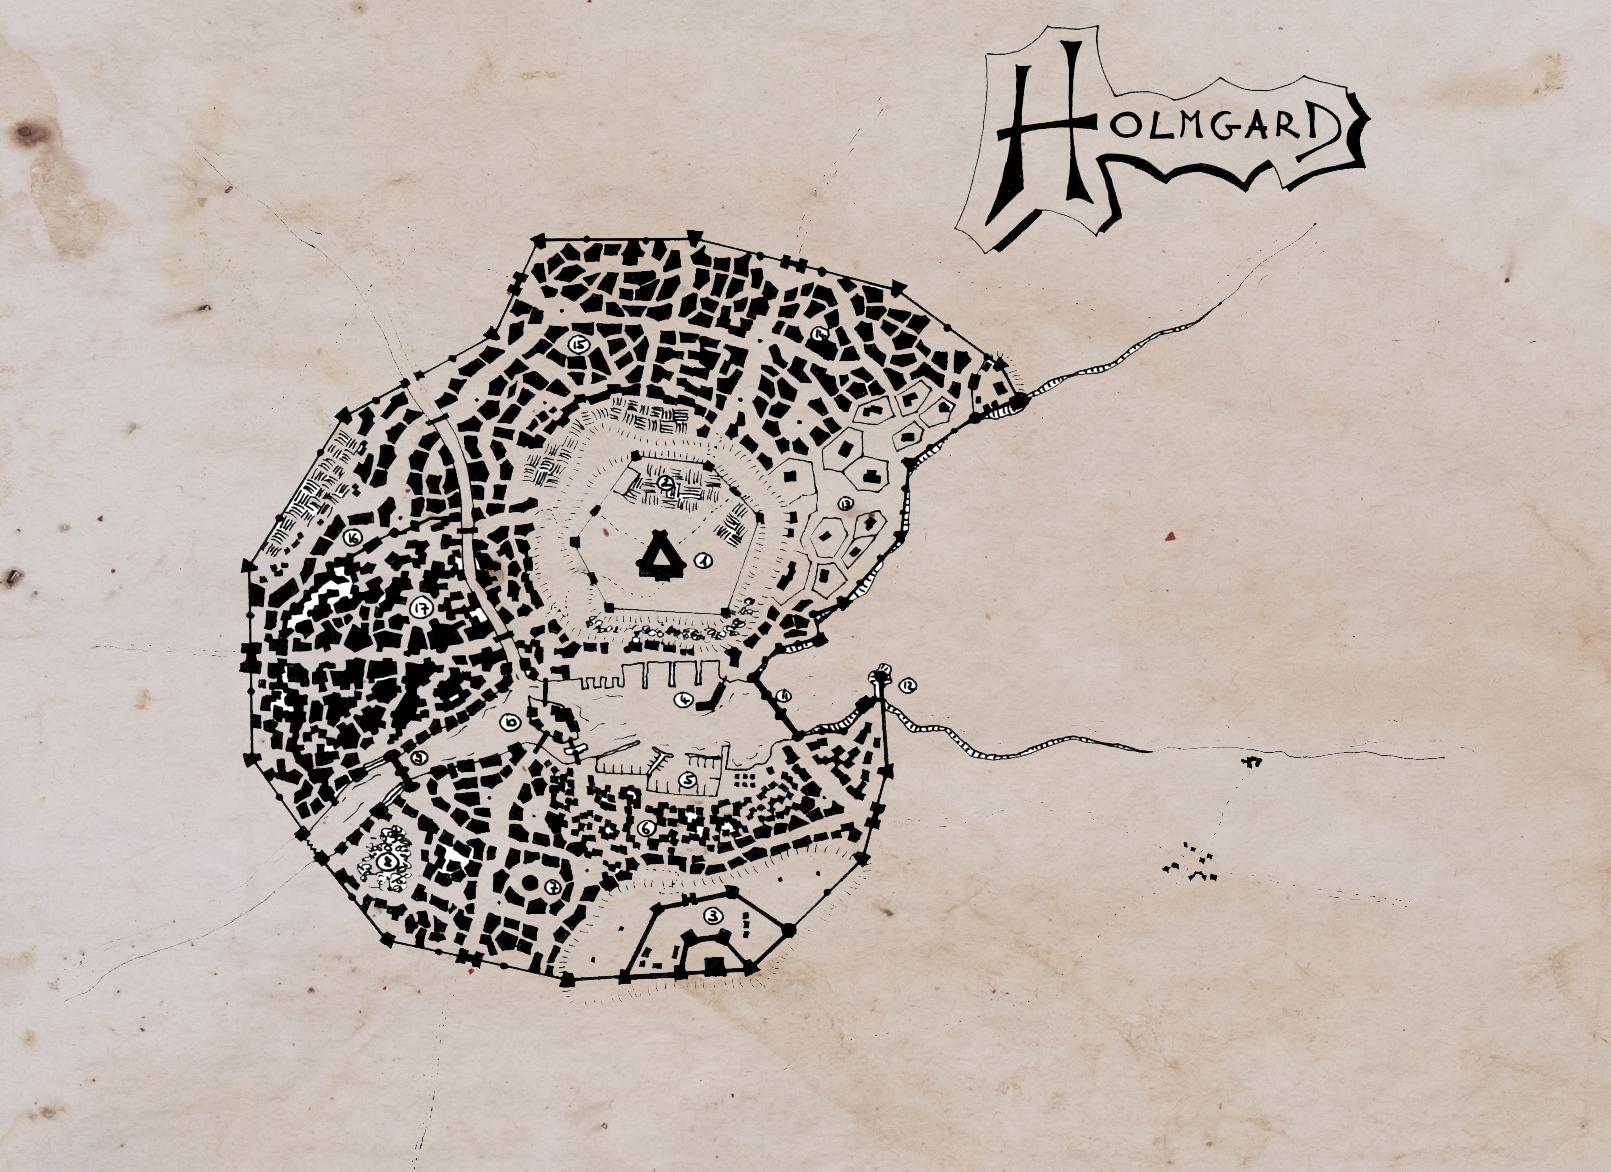 Holmgard texture